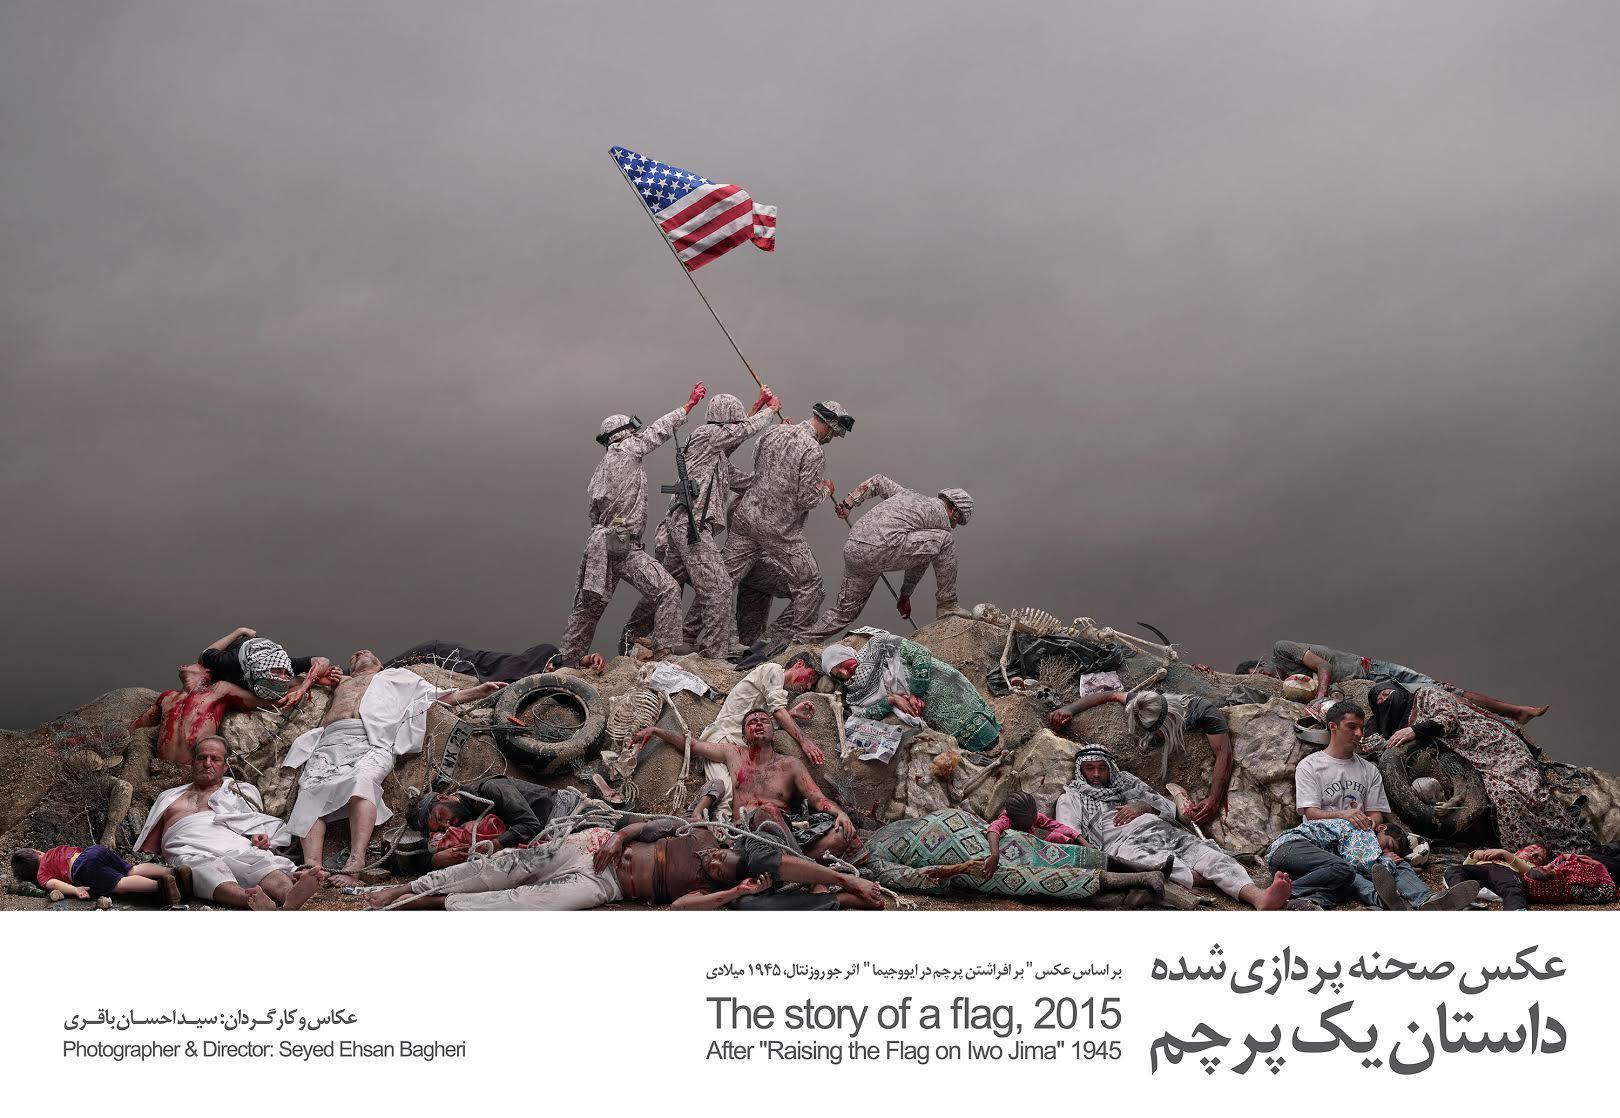 چرا از «داستان یک پرچم» ترسیده اند؟